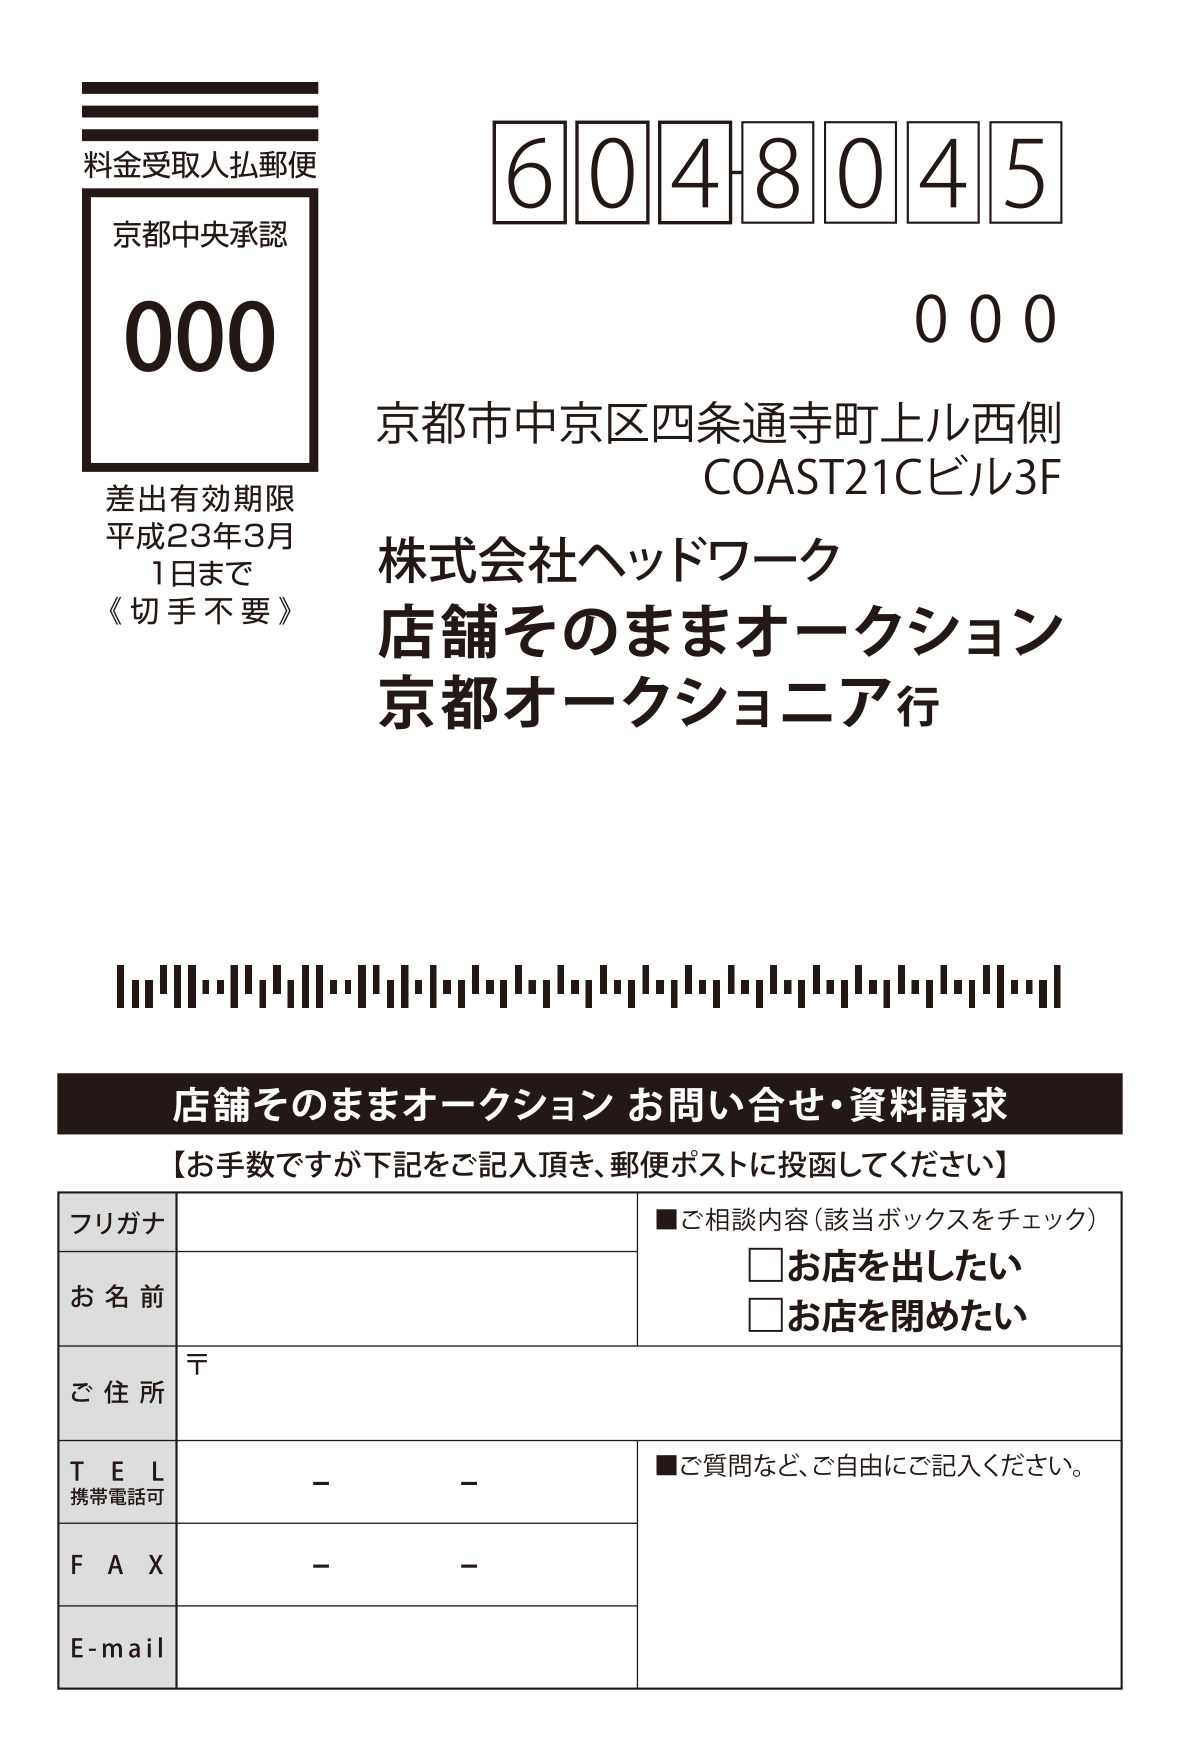 店舗そのままオークション 京都 お問い合わせハガキ 宛名面